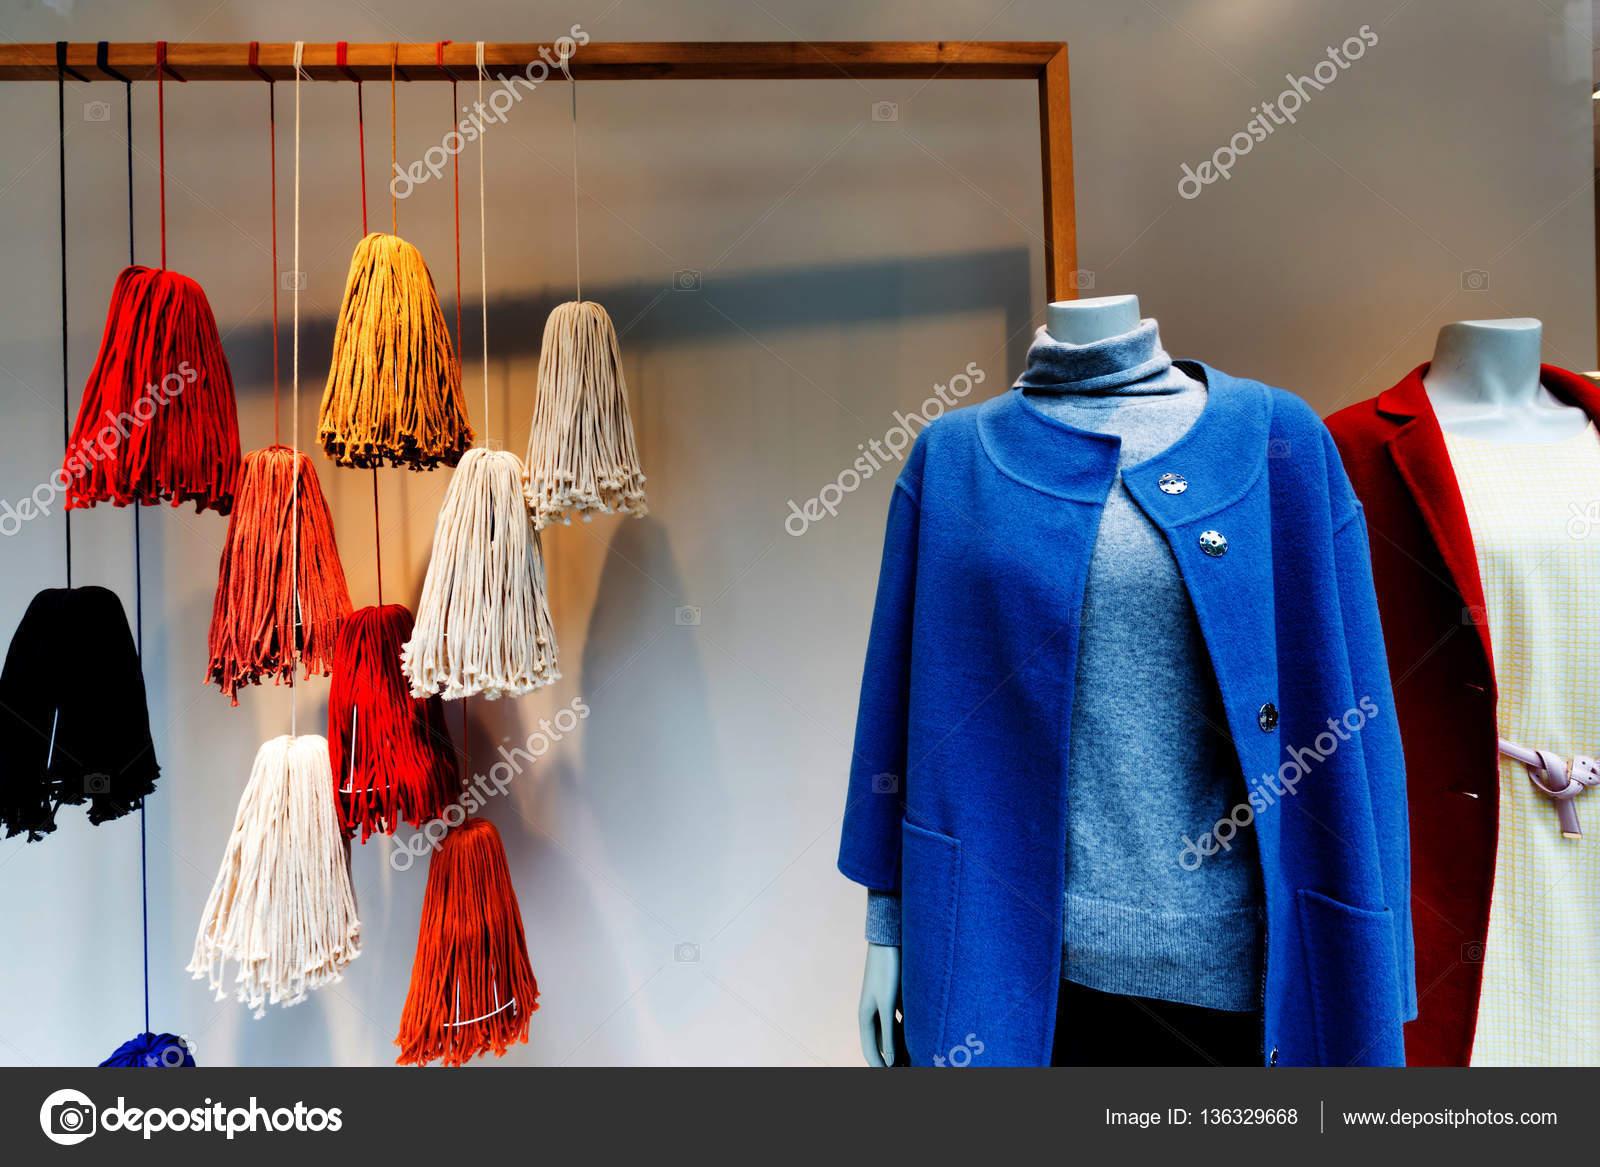 código promocional d54ca eadad Abrigos de moda en la tienda — Fotos de Stock © zhudifeng ...